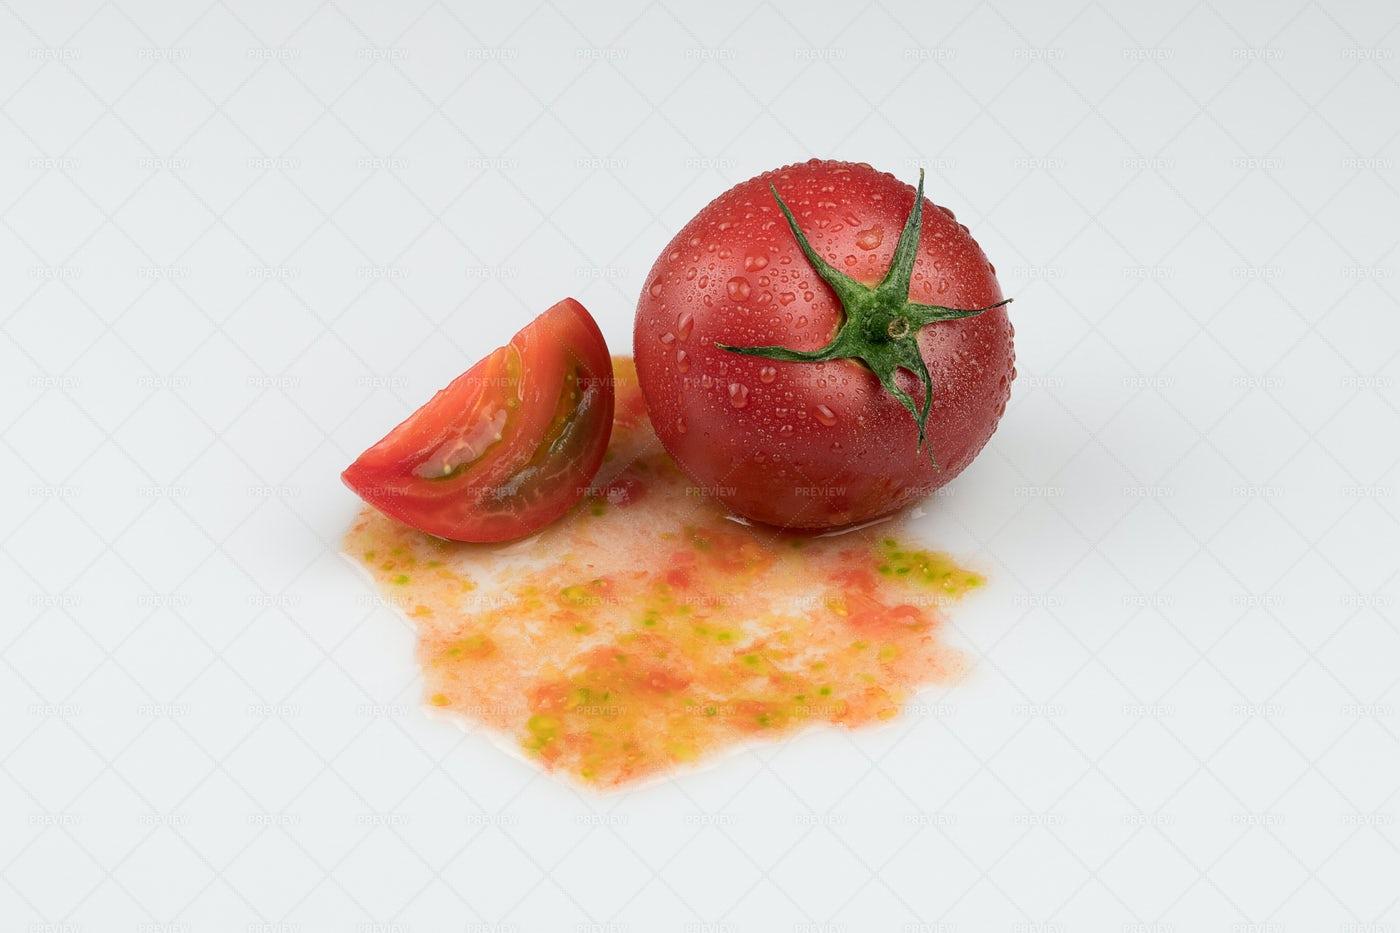 Tomatoes On White: Stock Photos